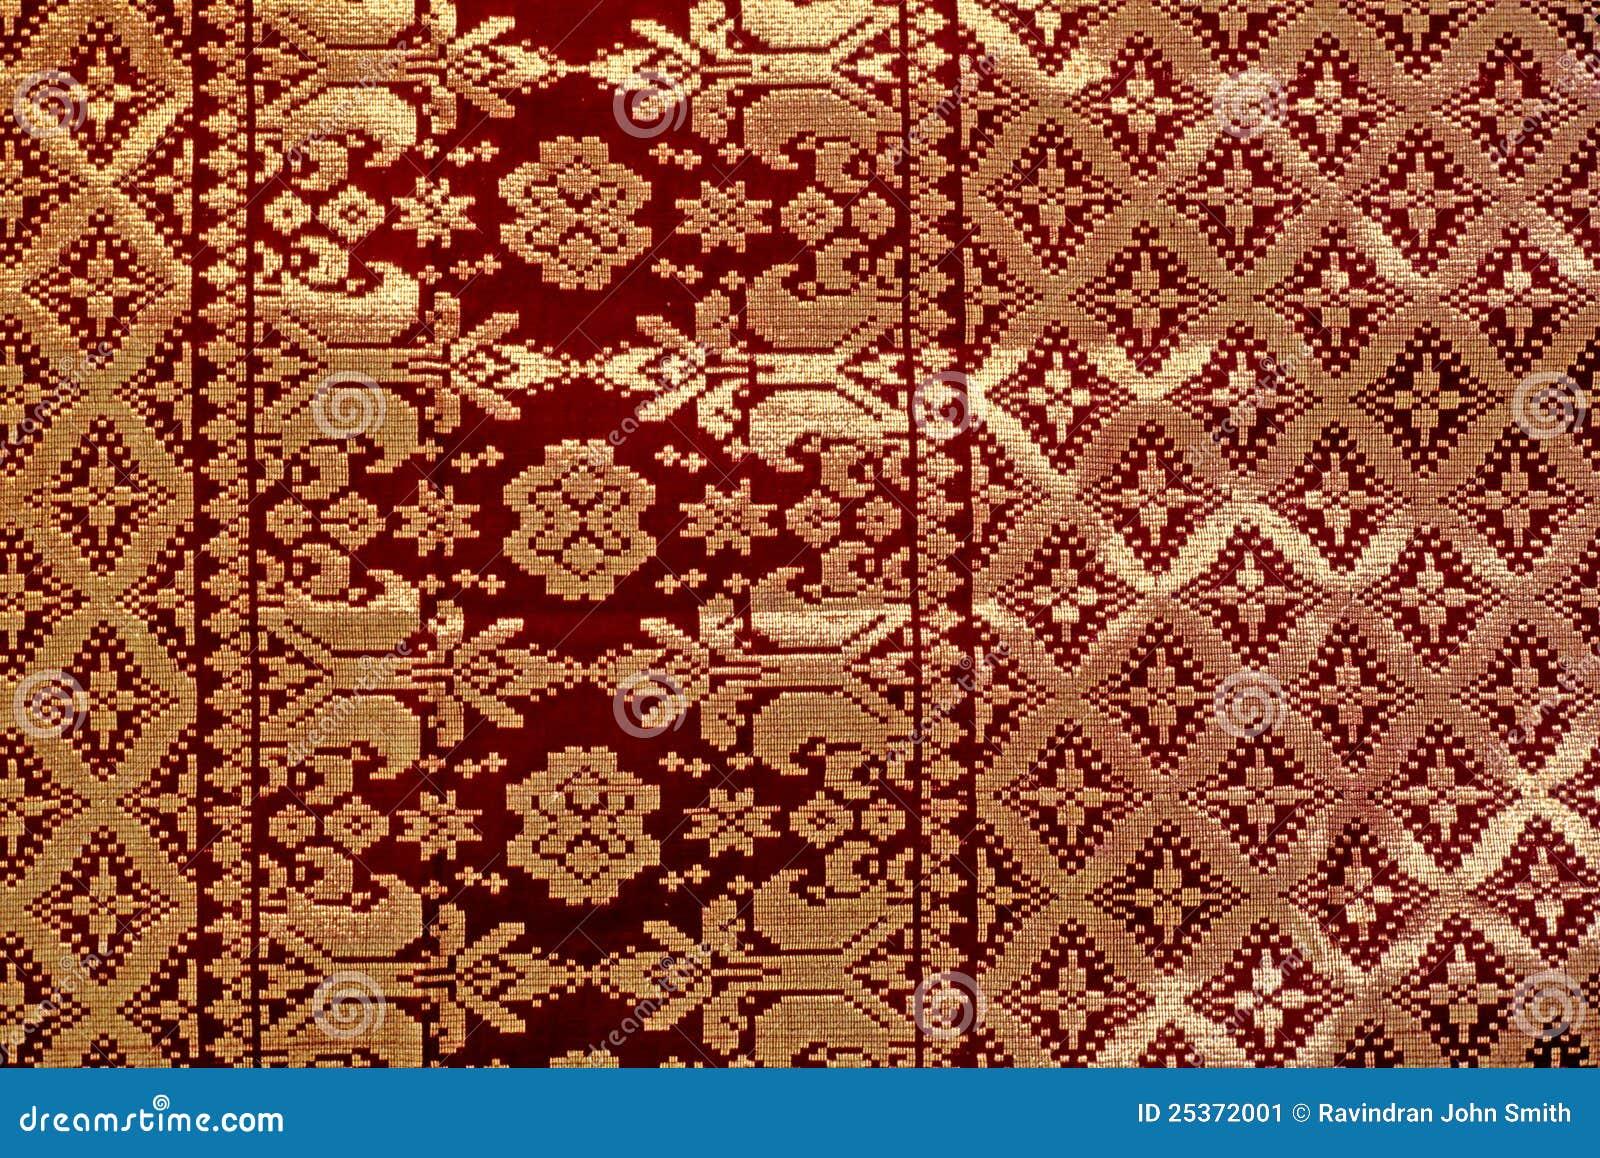 Songket Fabric Stock Image - Image: 25372001